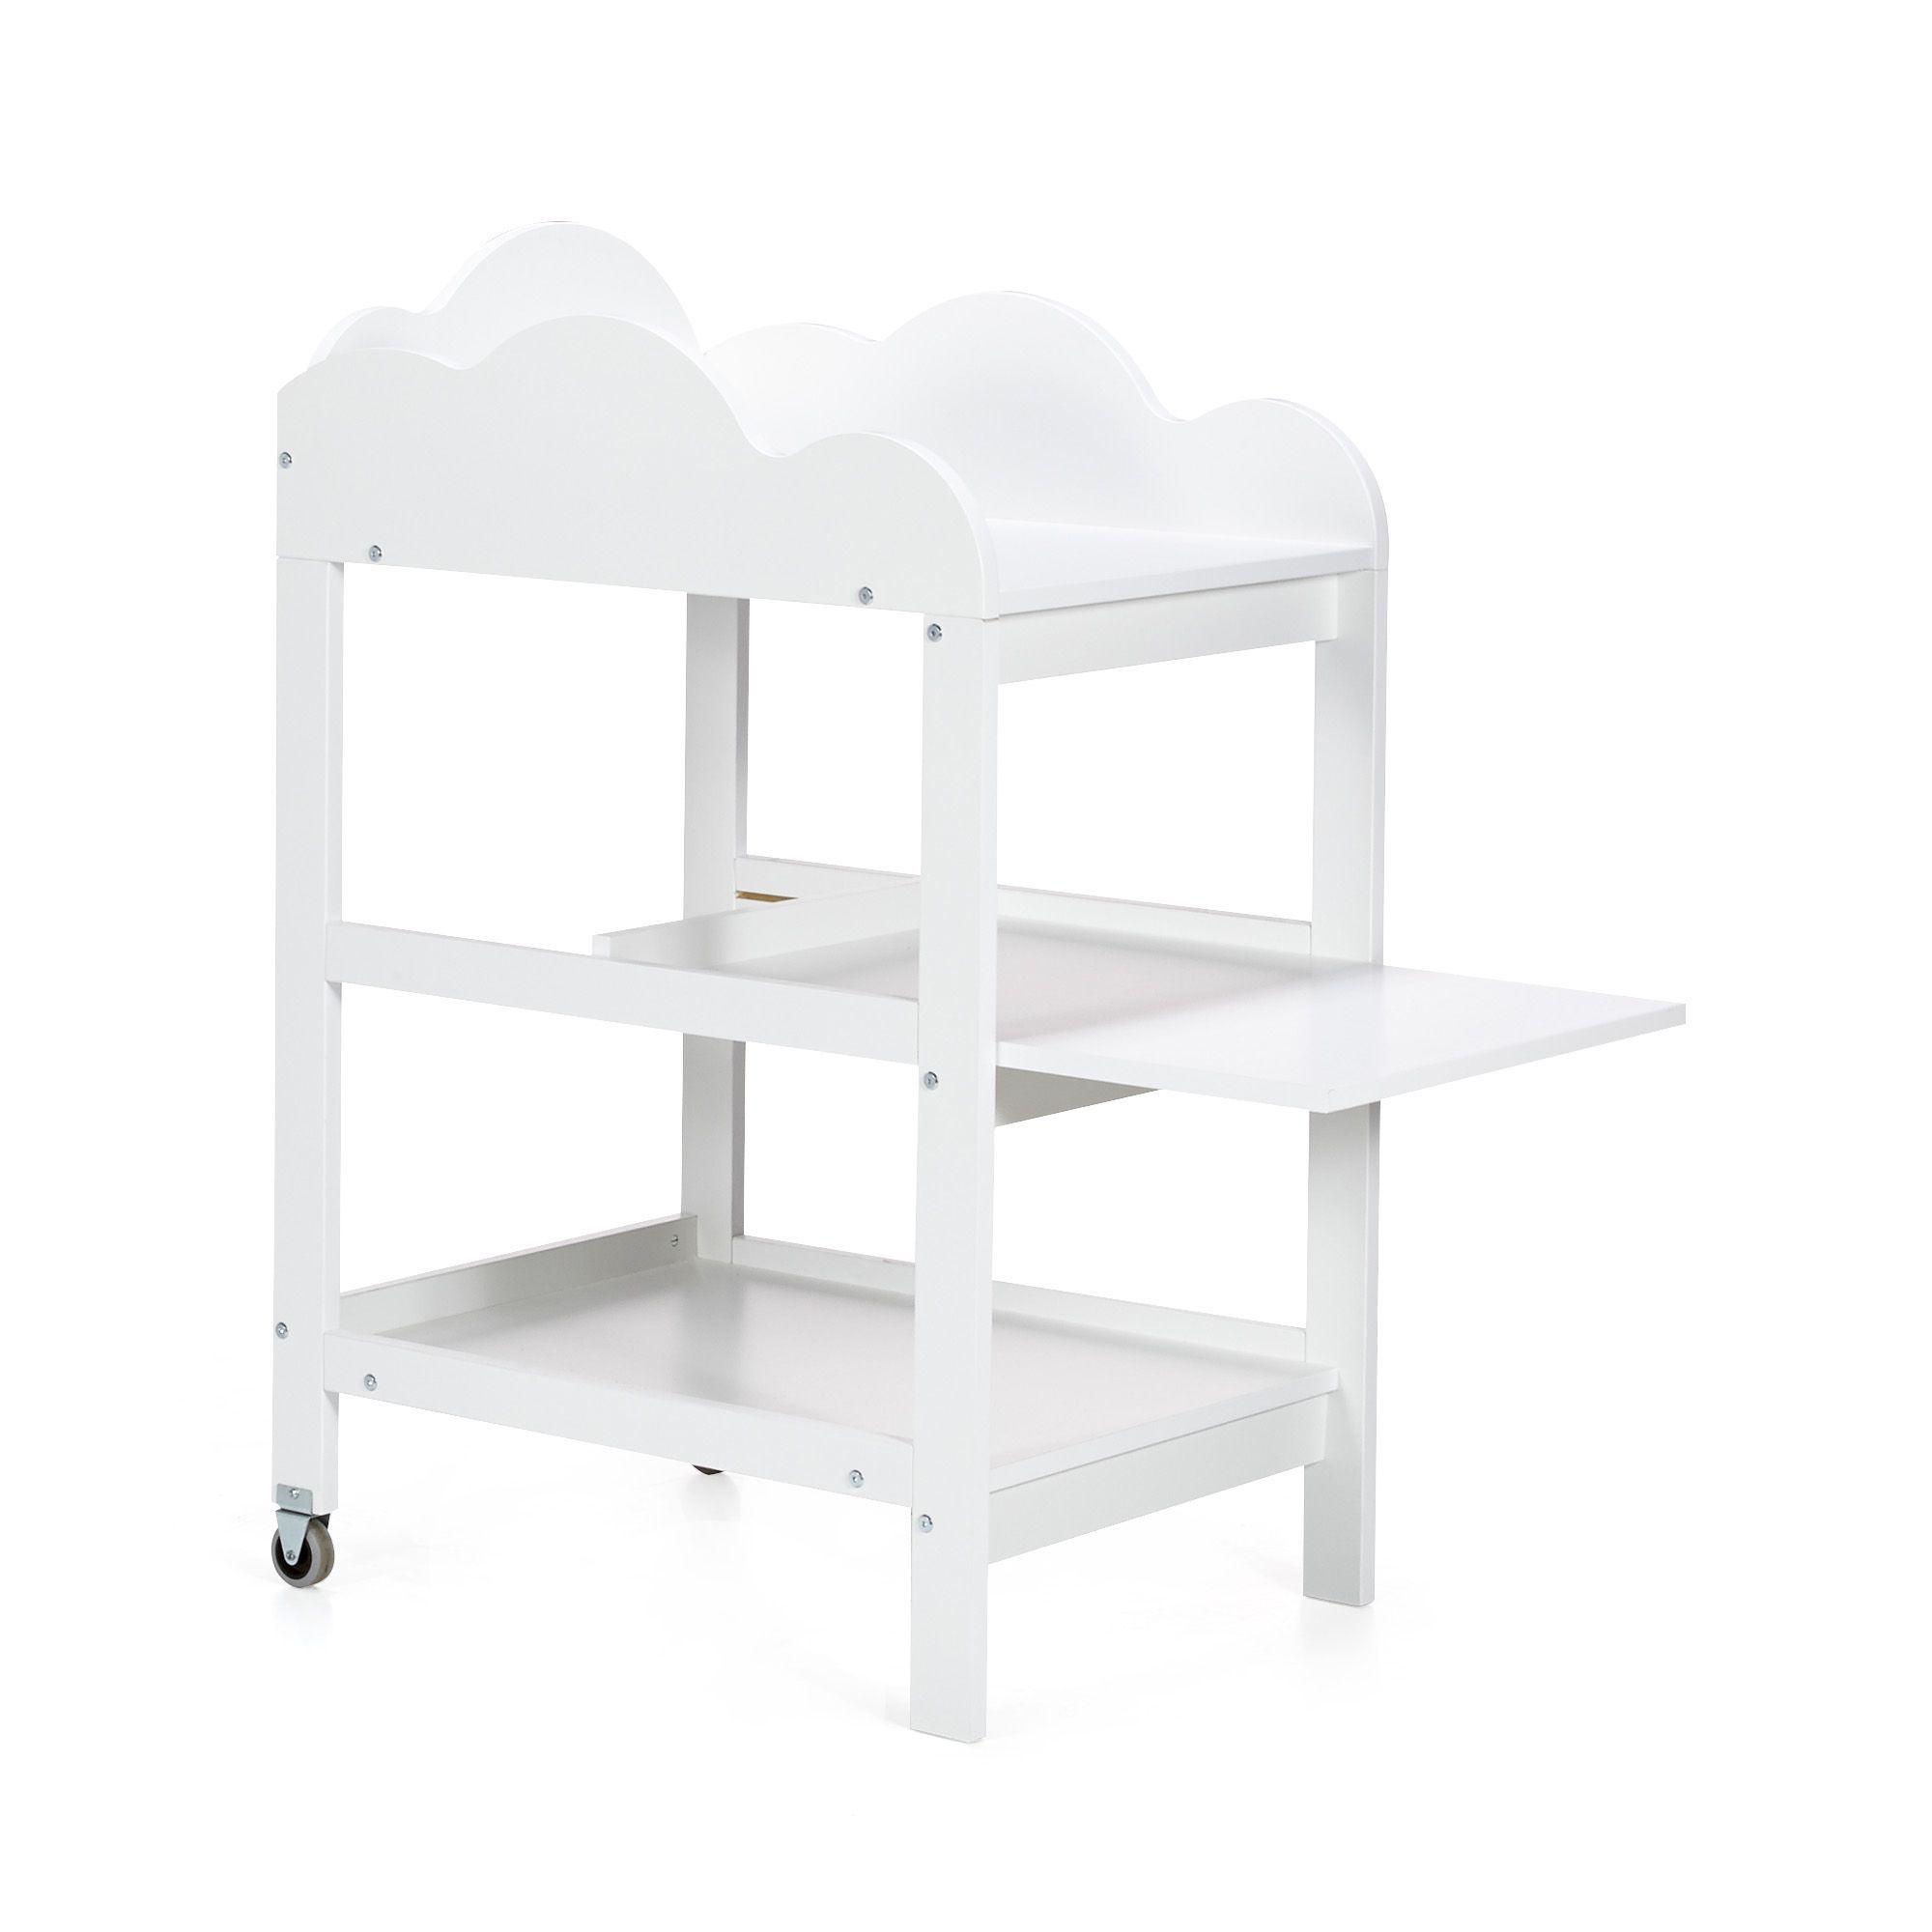 Nuage Tables Plans Langer Meubles Pour Chambre Enfant Table  # Meuble Pc Sur Roulette Petit Espace